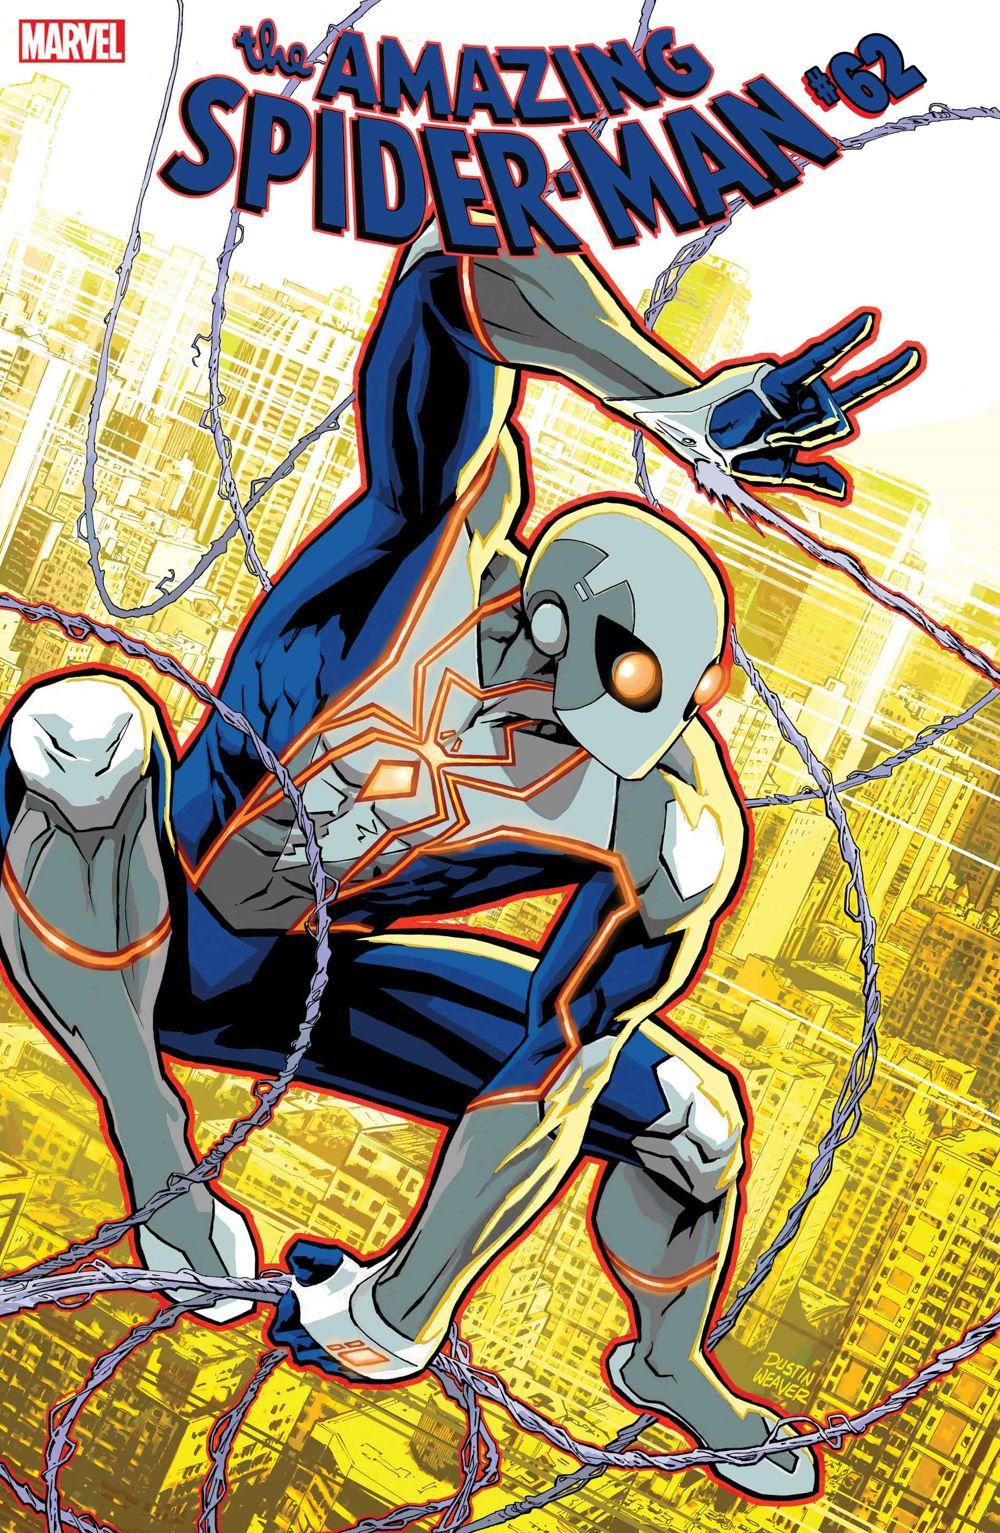 ASM2018062_VAR Marvel reveals Dustin Weaver's new Spider-Man costume